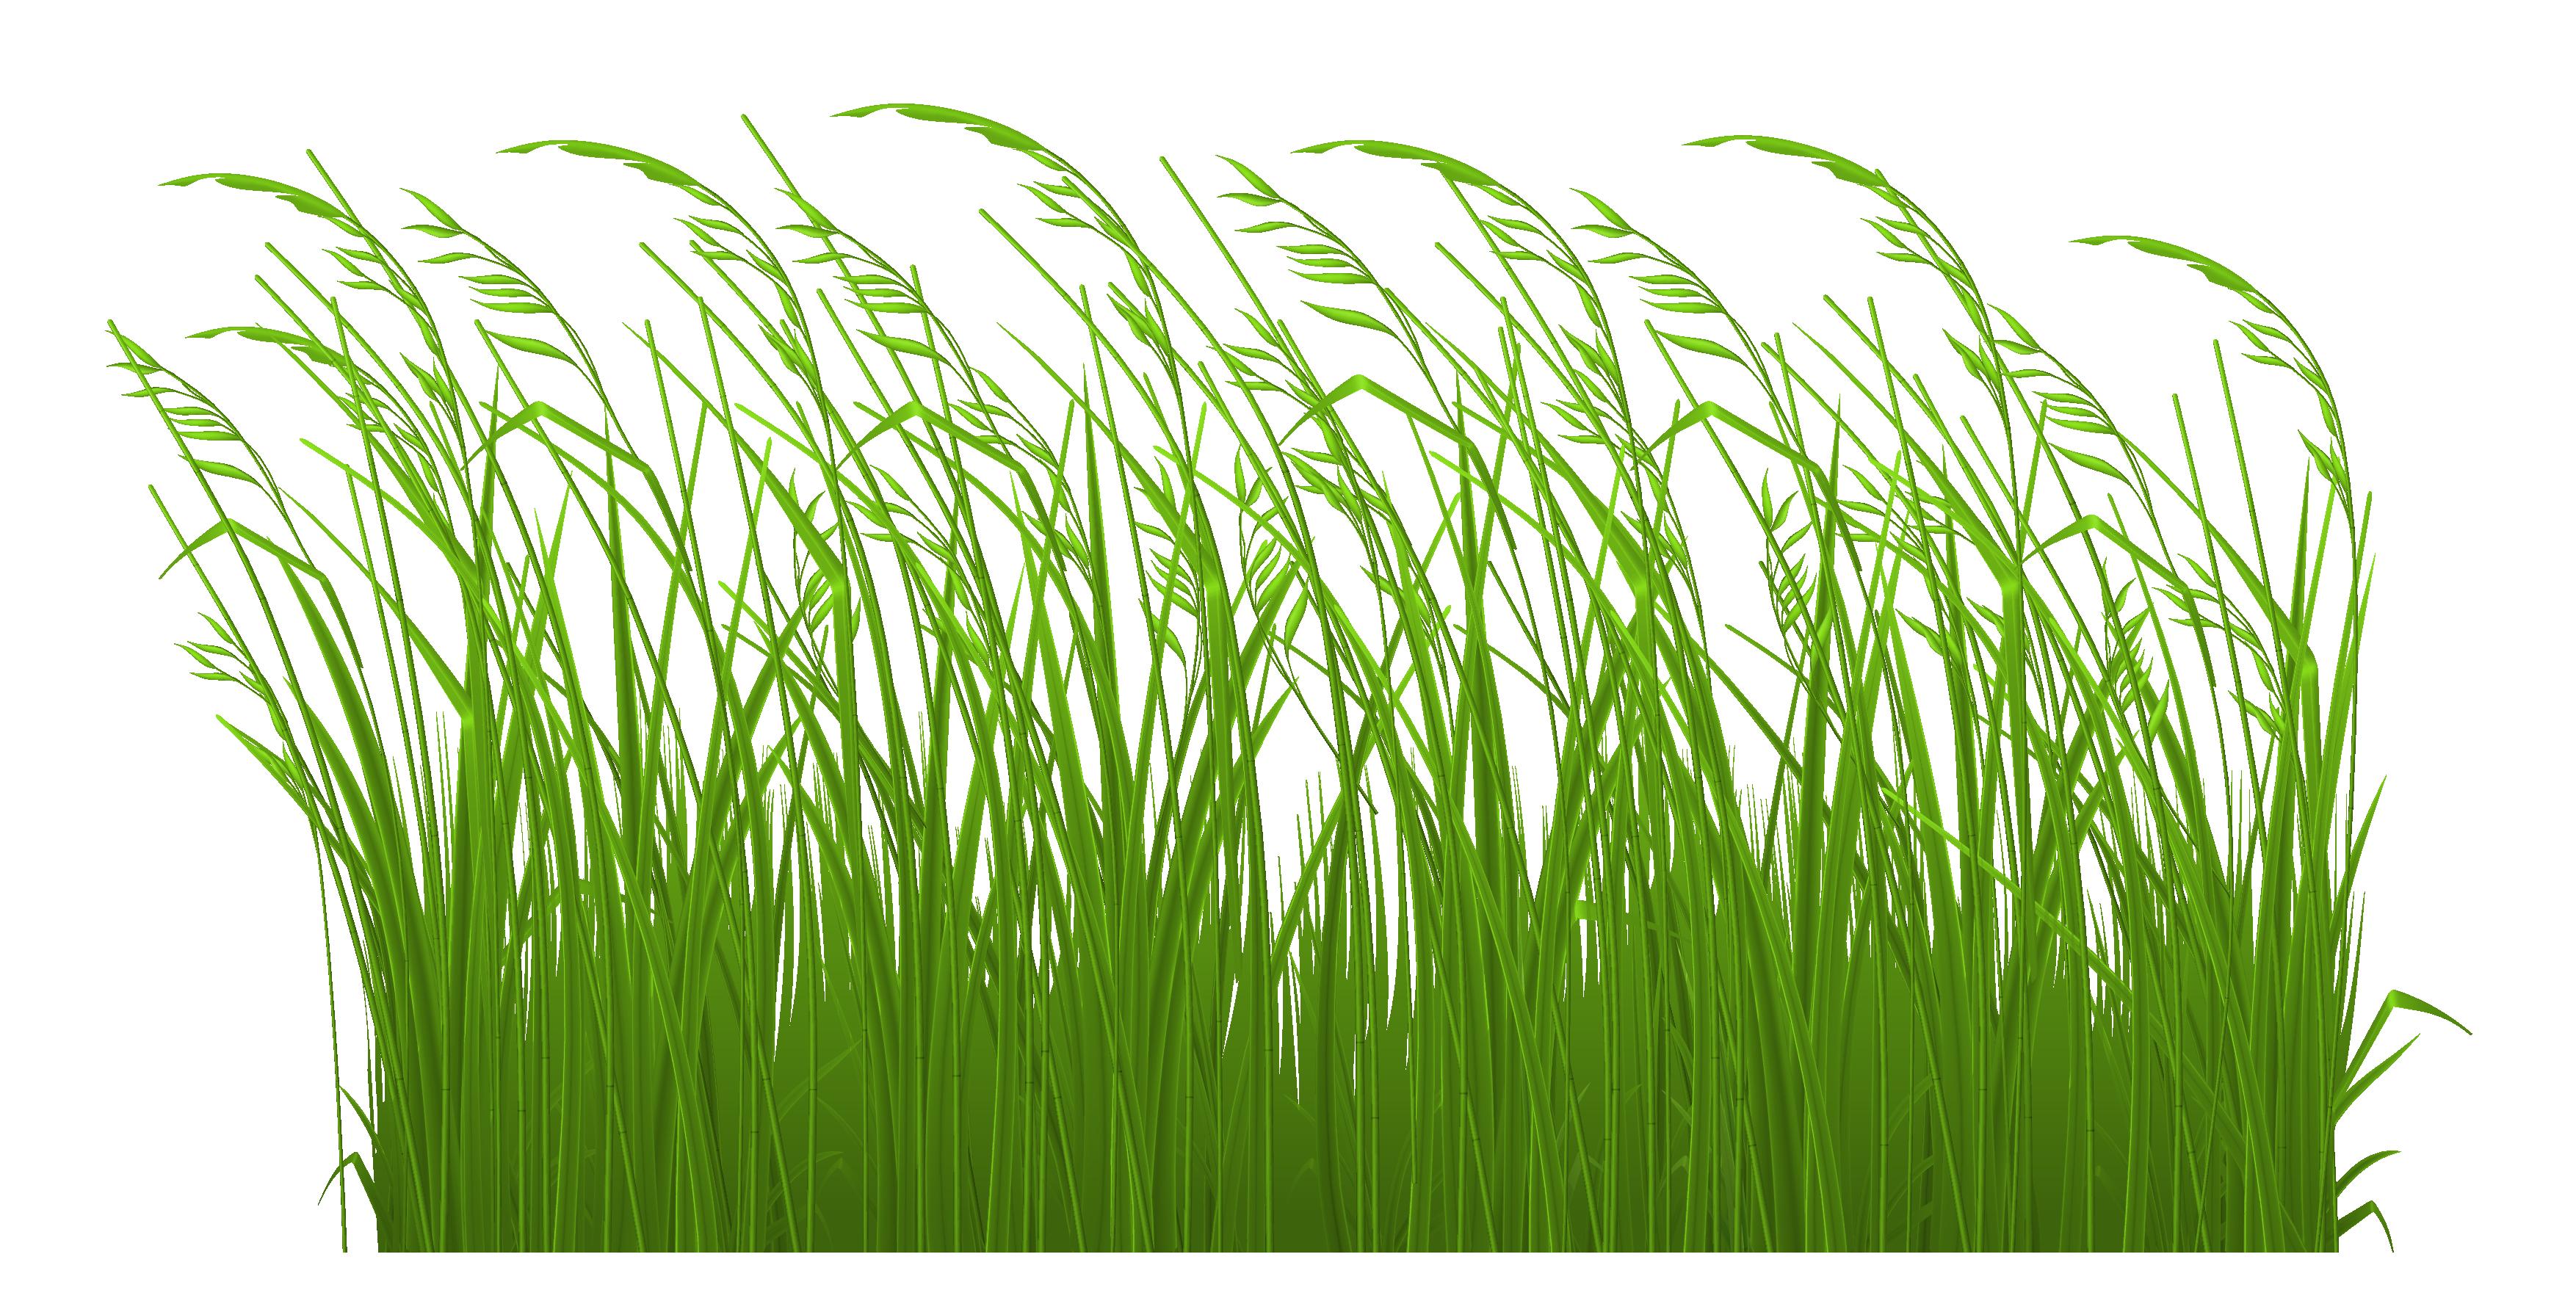 Grass clipart 5